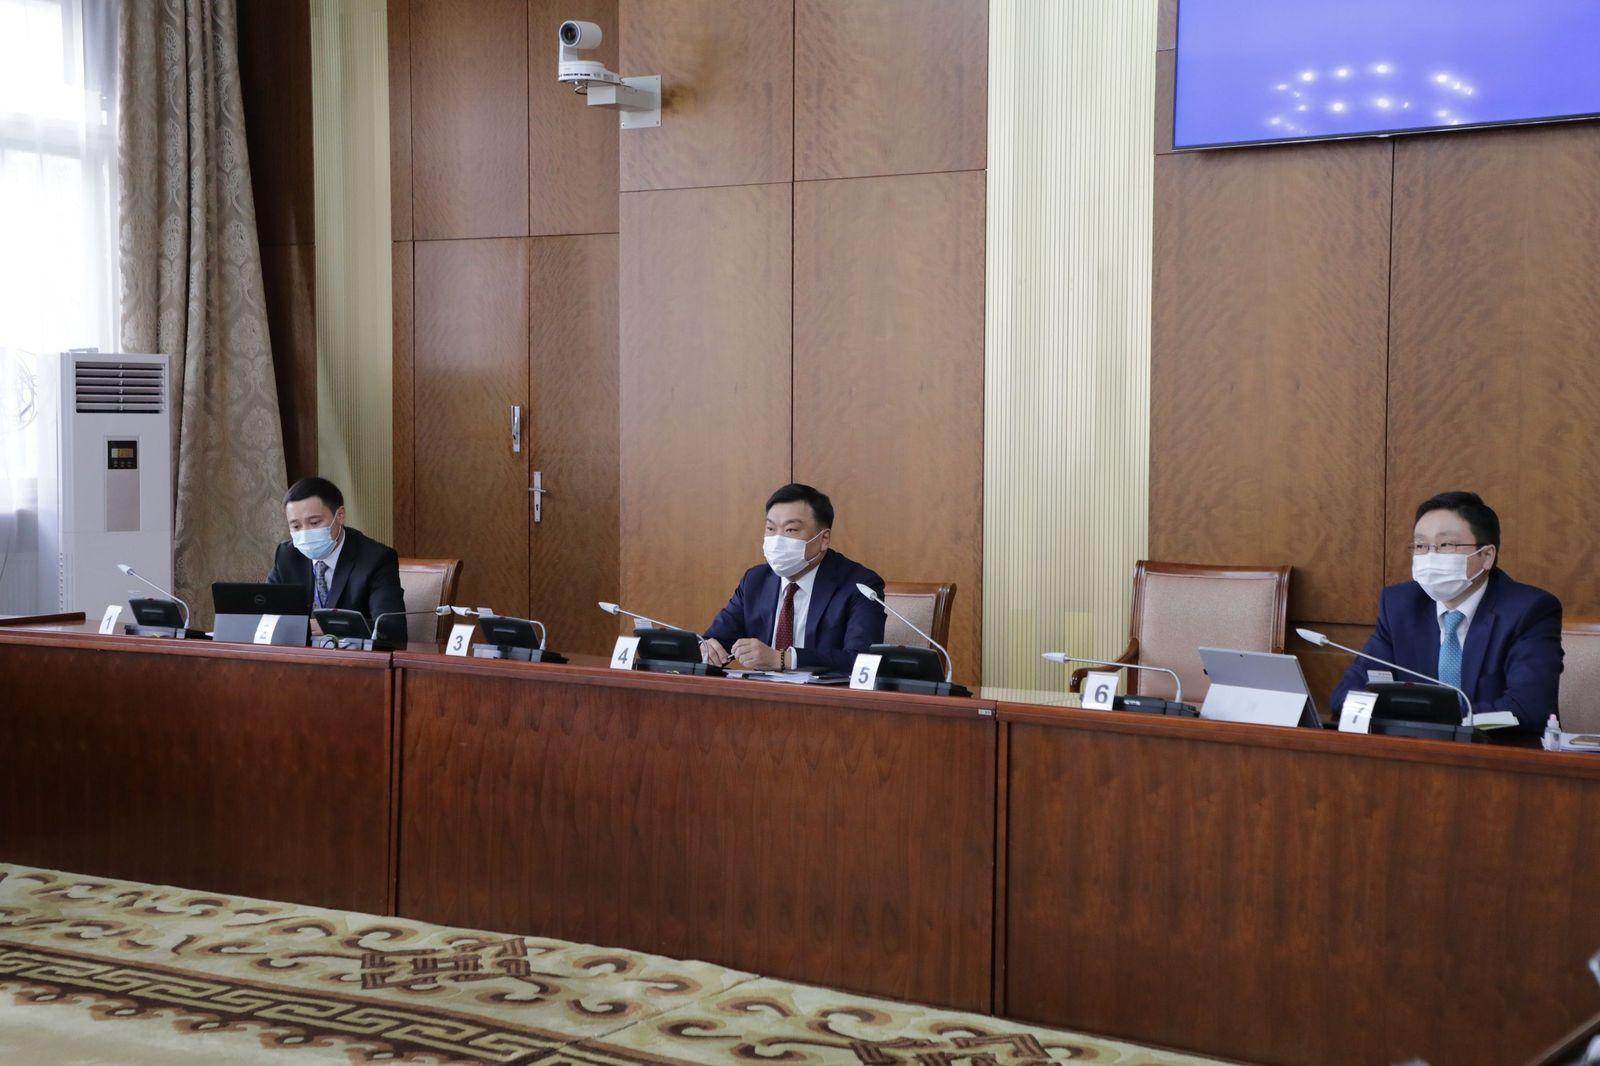 금융감독위원회의 2020년 활동은 국회 경제분야 상임위원회에서 심의하여.jpg